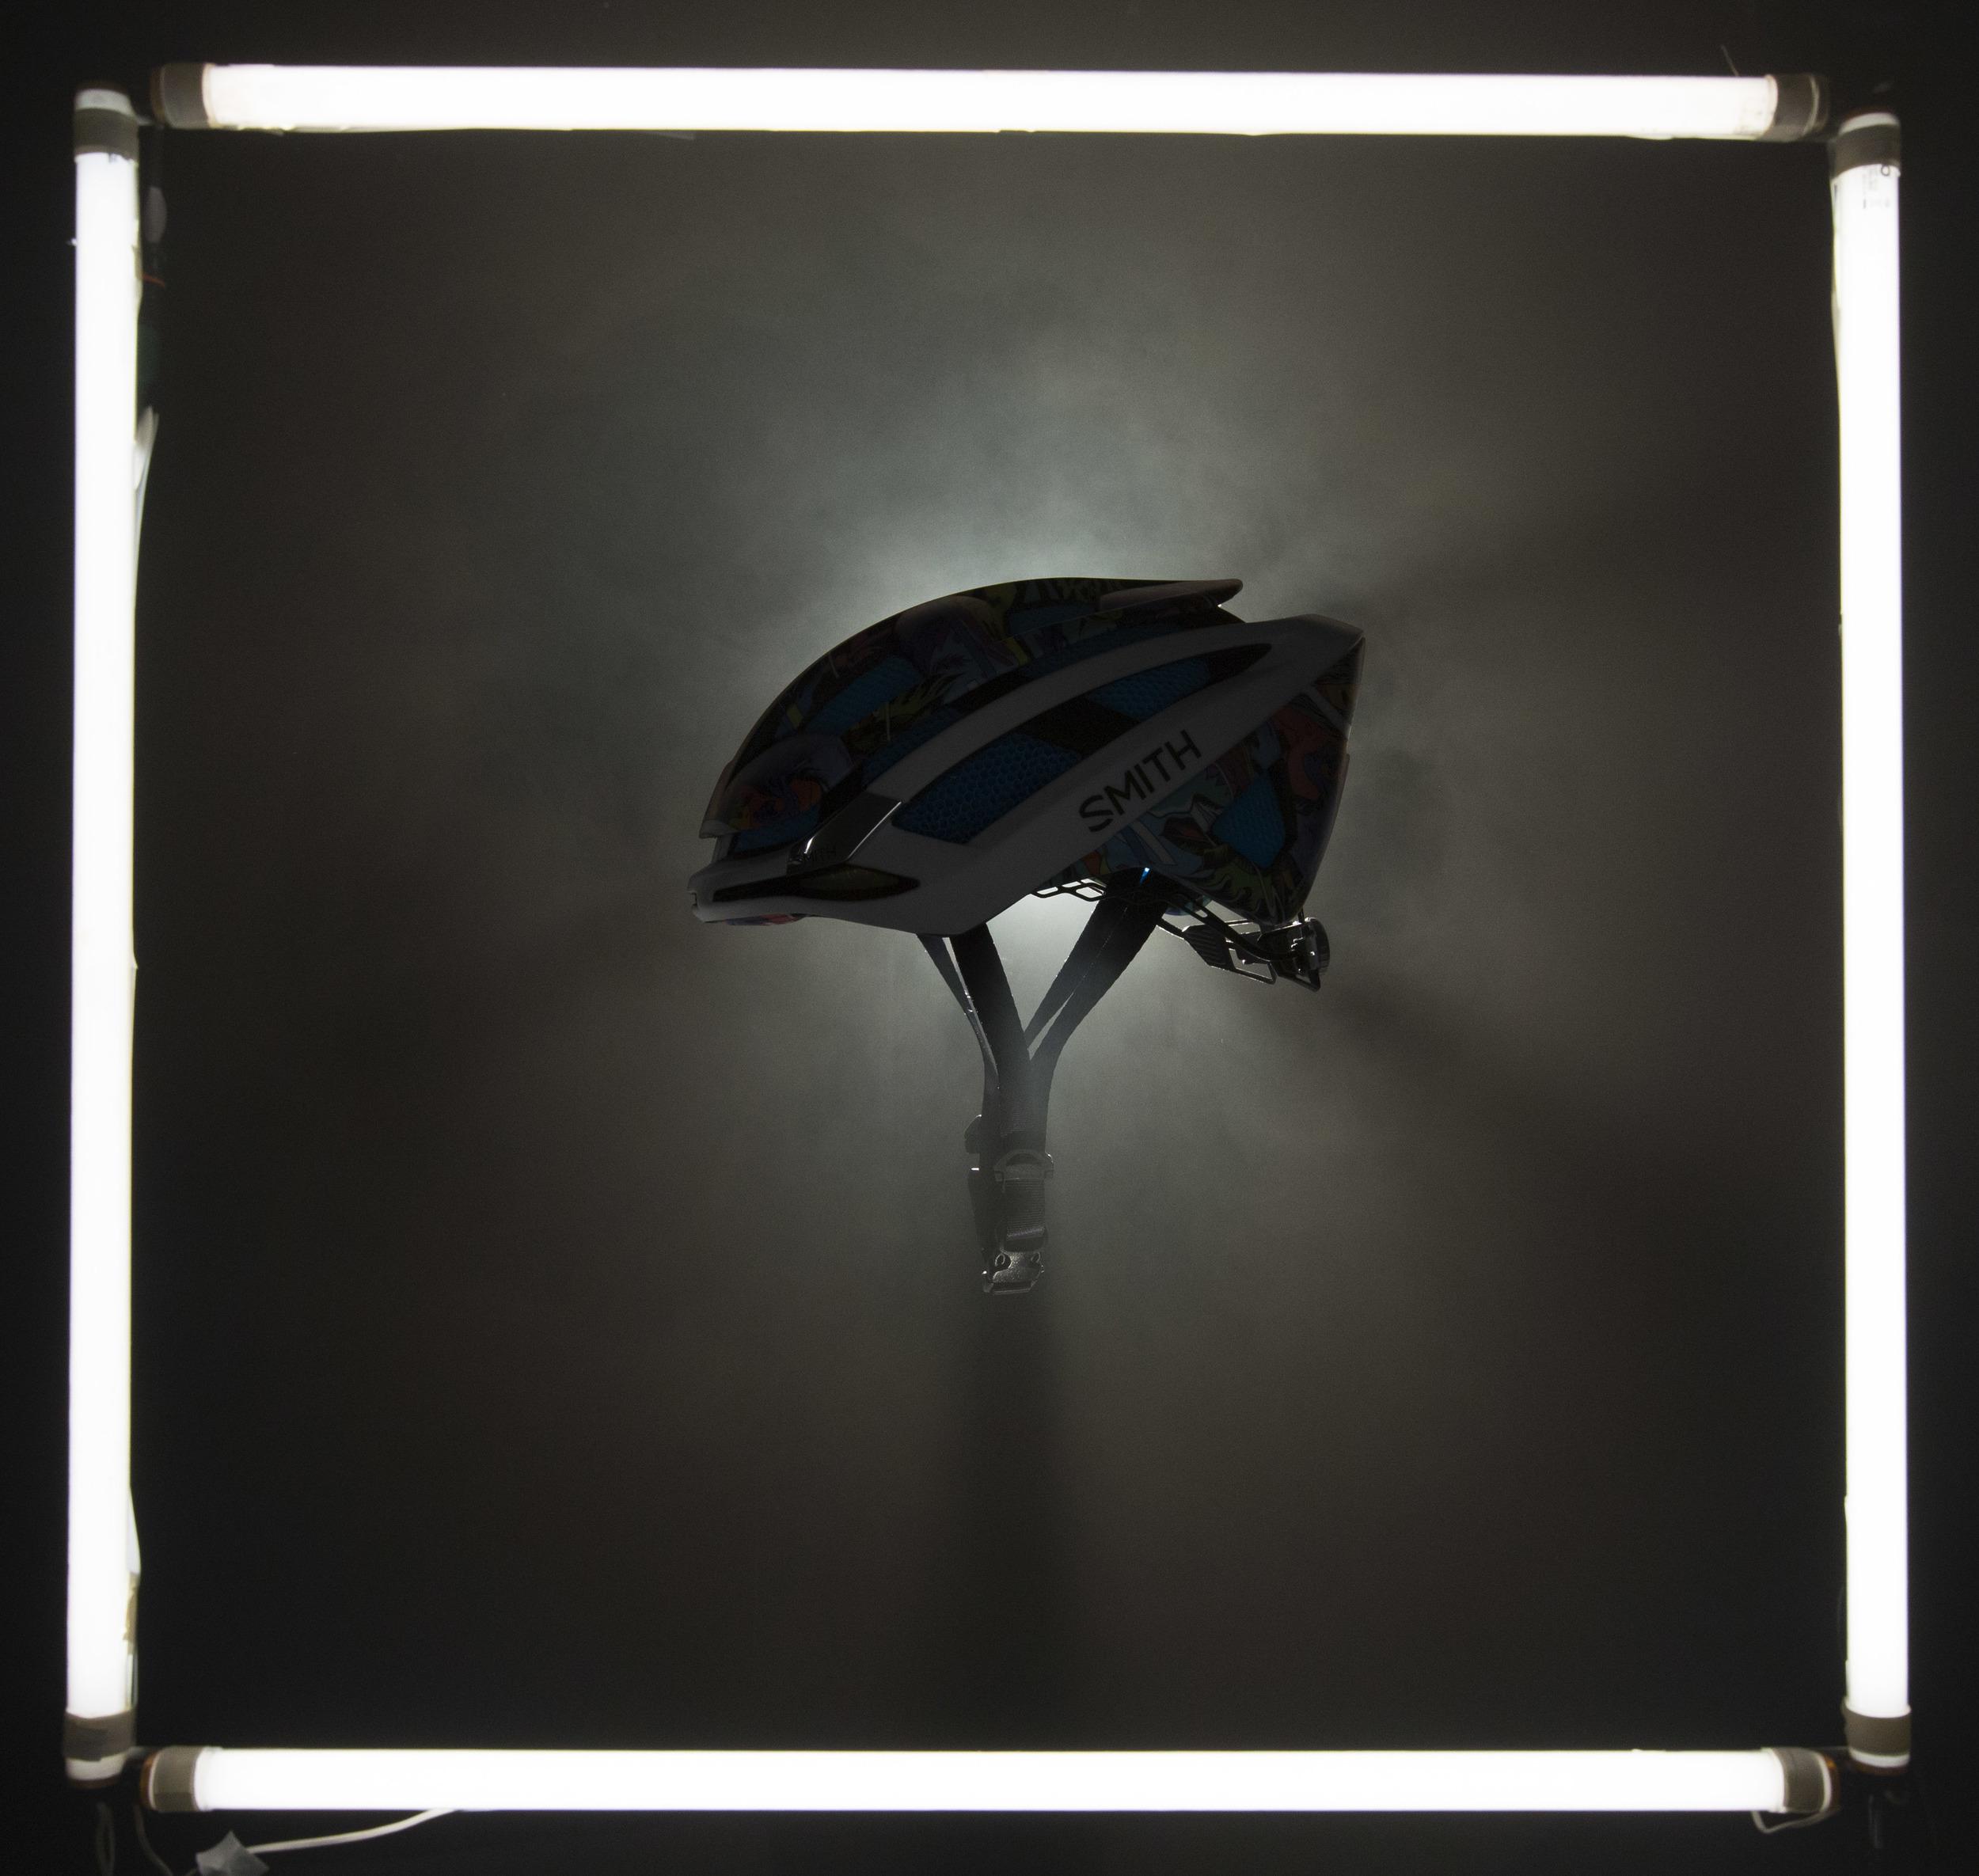 Tease Hero_Olympic Overtake_Silhouette.jpg